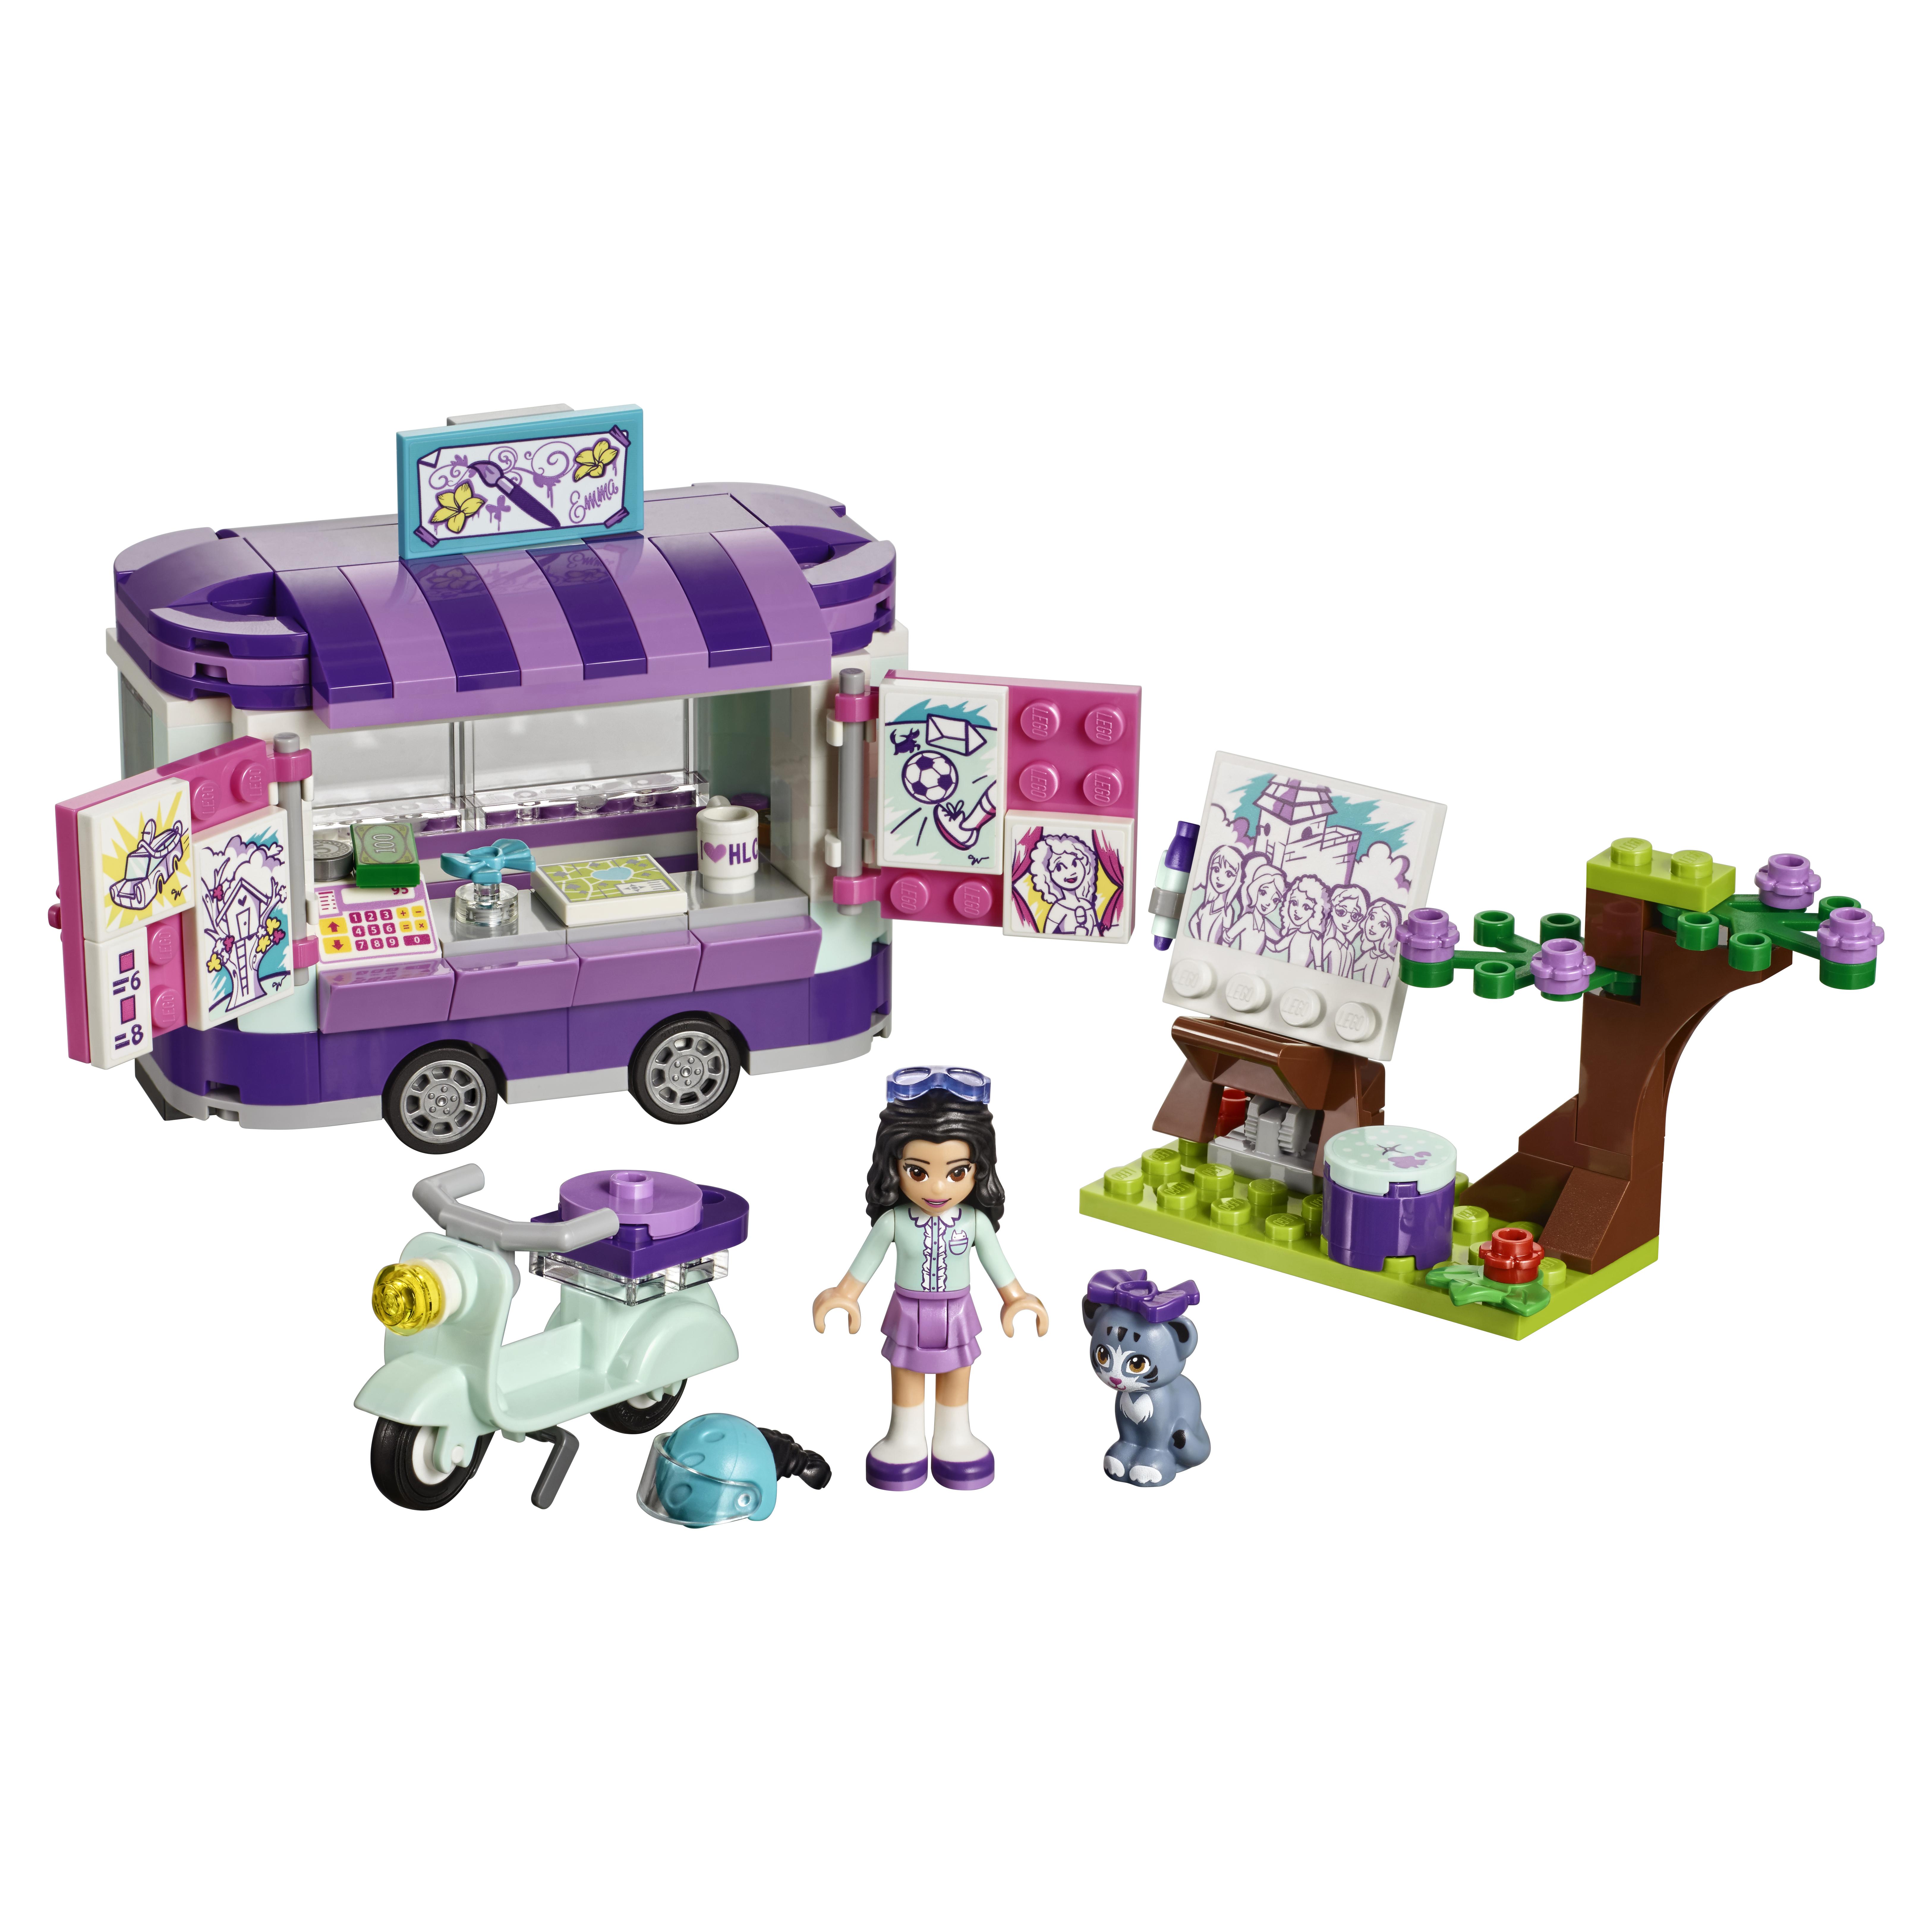 Конструктор LEGO Friends Передвижная творческая мастерская Эммы (41332) фото